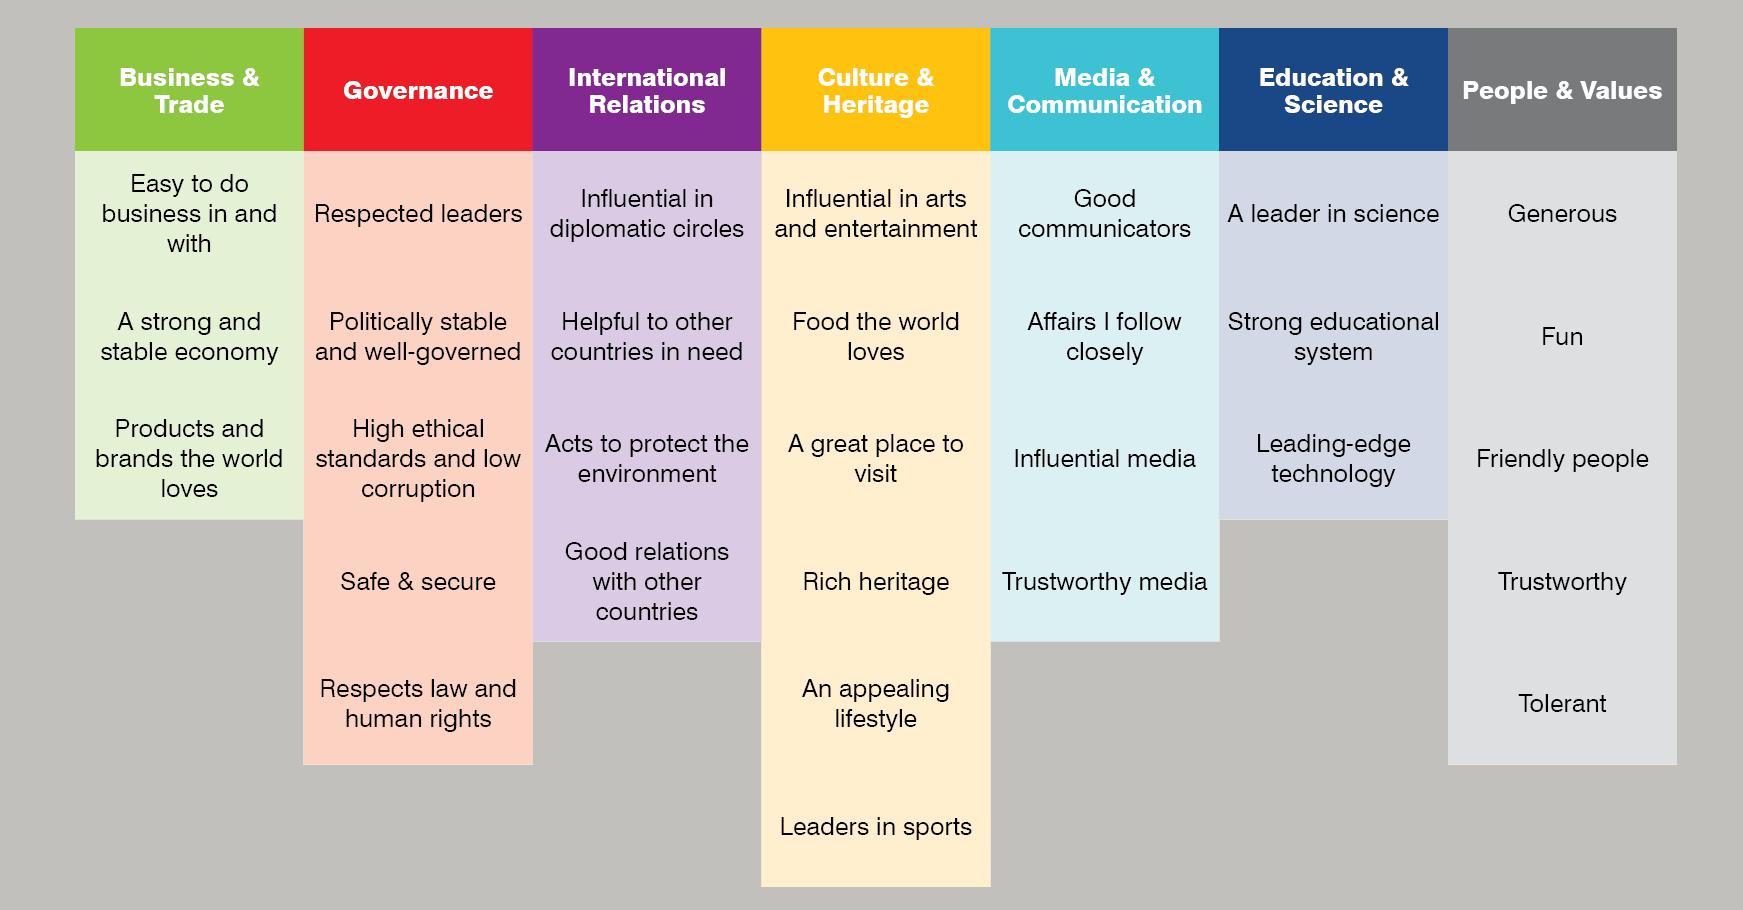 Figure 2. Soft Power Pillars